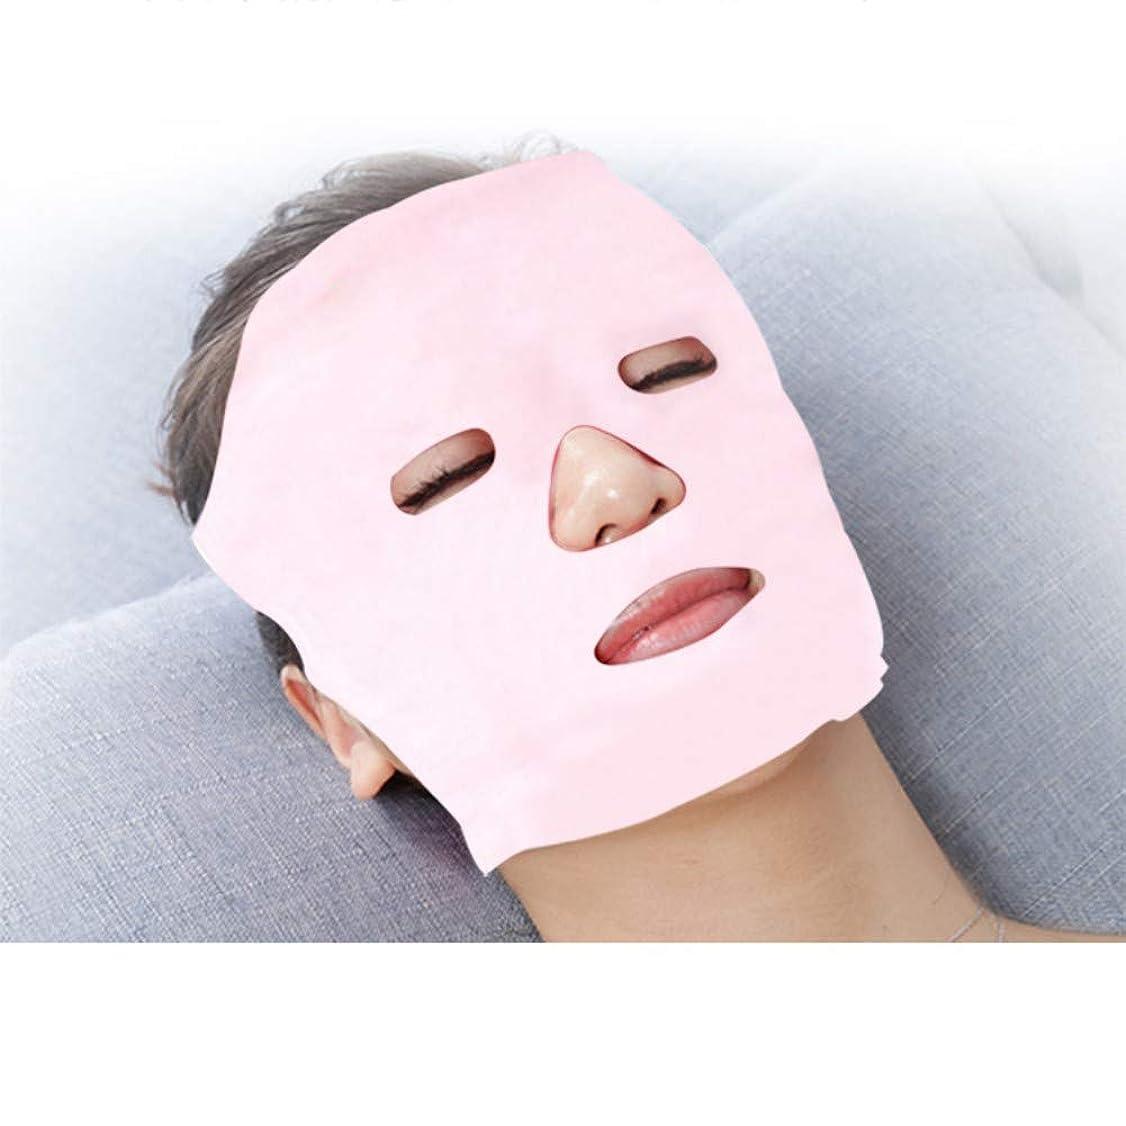 サイクルたまに死んでいるトルマリンジェル マグネットマスク マッサージマスク 颜美容 フェイスマスク 薄い顔 肤色を明るく ヘルスケアマスク 磁気 ェイスポーチ Cutelove